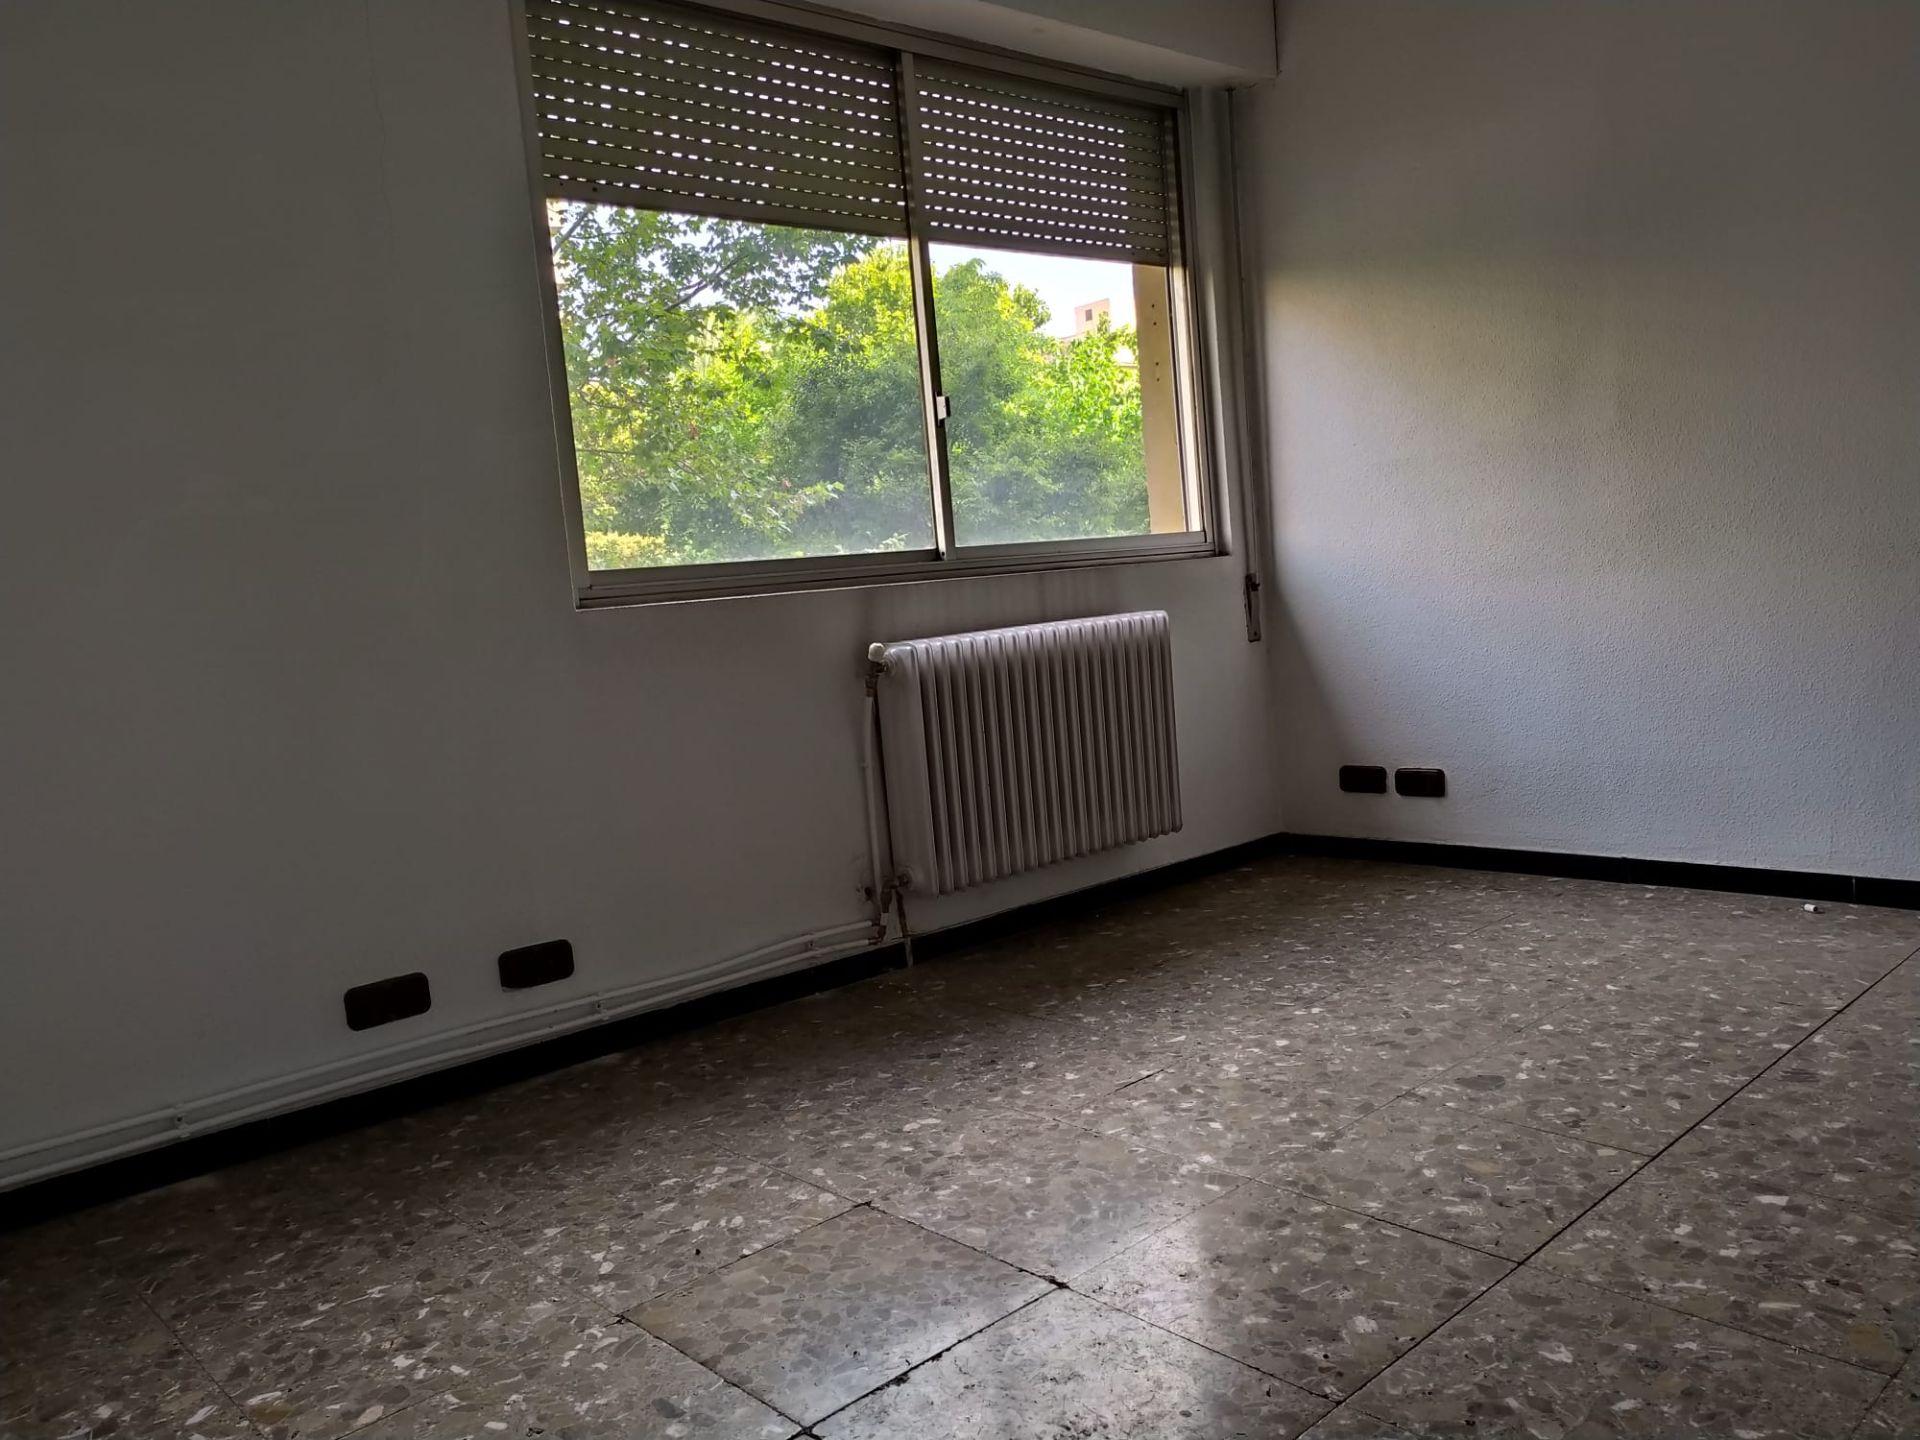 Ufficio in Cáceres, CENTRO, affitto